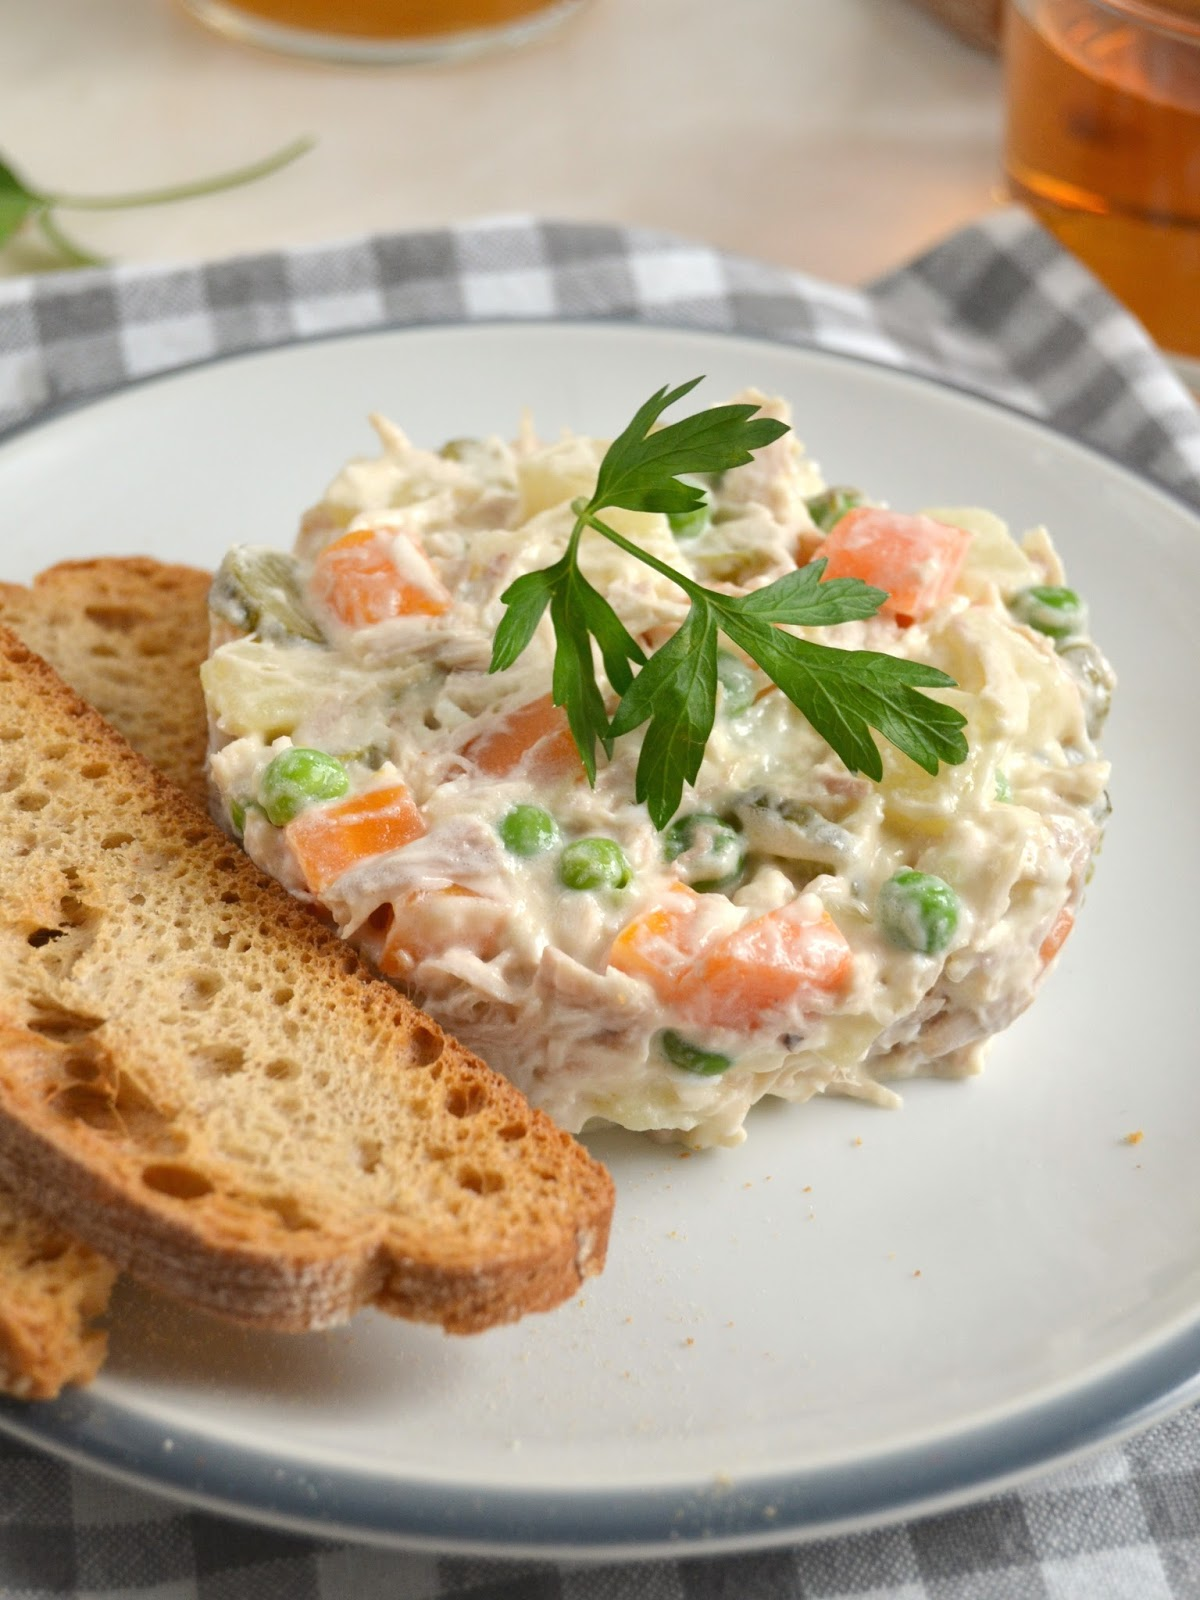 Ensaladilla de pollo ¡Fácil y deliciosa! | Cuuking! Recetas de cocina